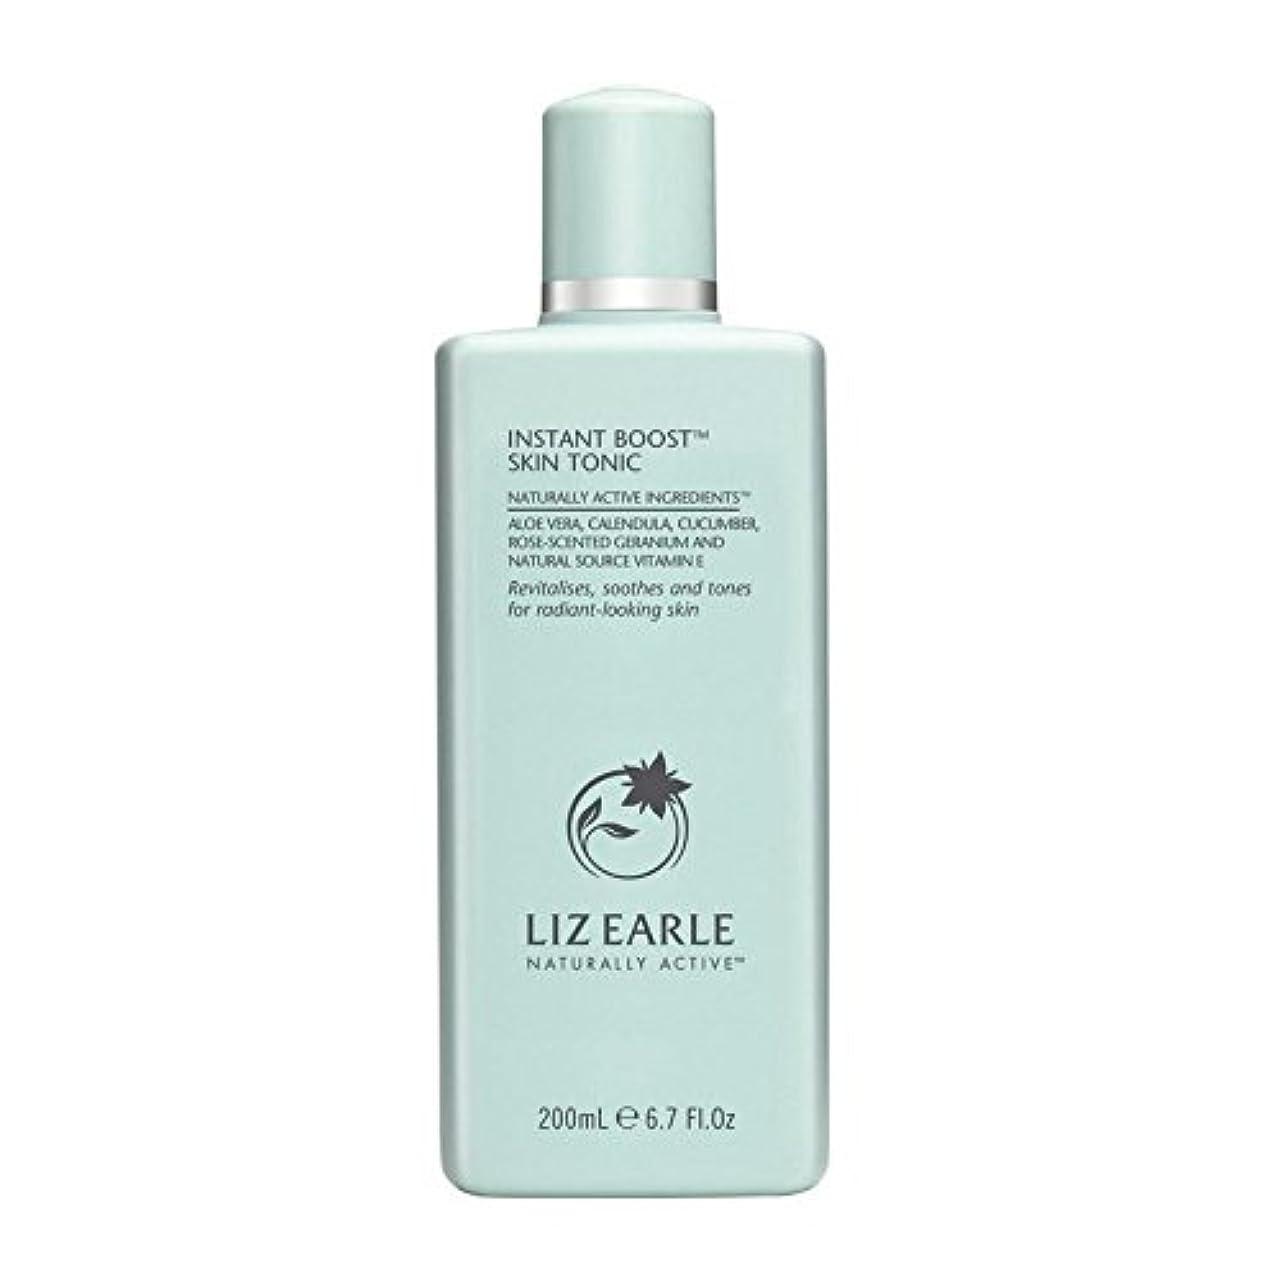 第三感覚衝突するLiz Earle Instant Boost Skin Tonic Bottle 200ml (Pack of 6) - リズアールインスタントブーストスキントニックボトル200ミリリットル x6 [並行輸入品]